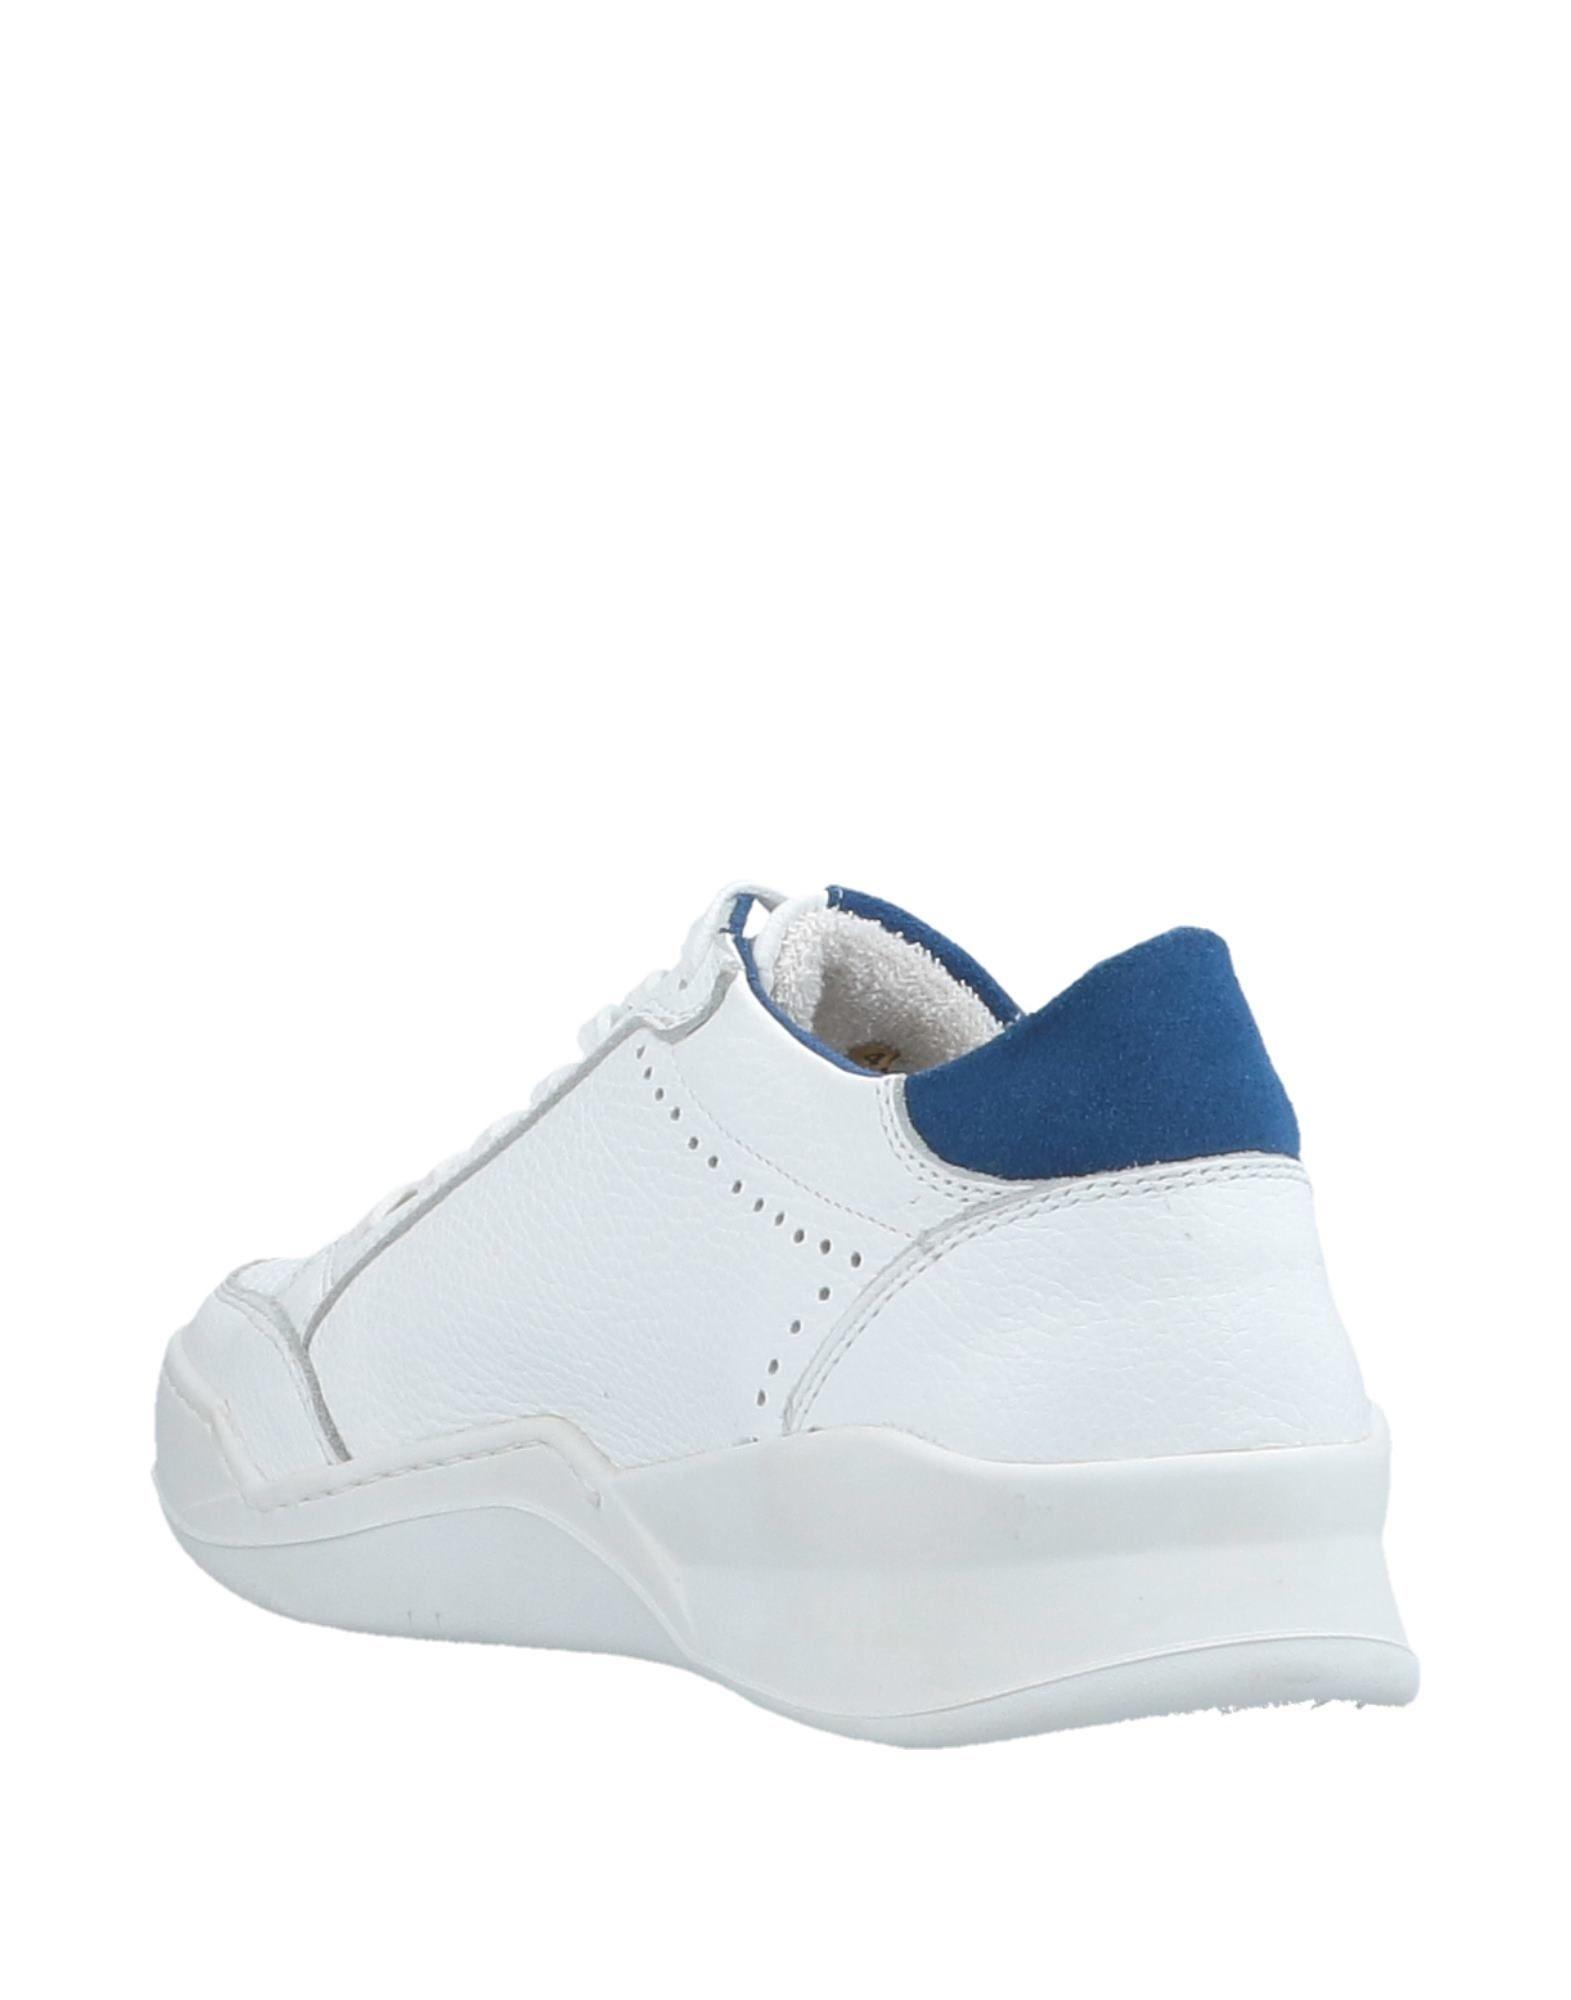 Jackal Sneakers Herren  11510950HO 11510950HO  94e48a